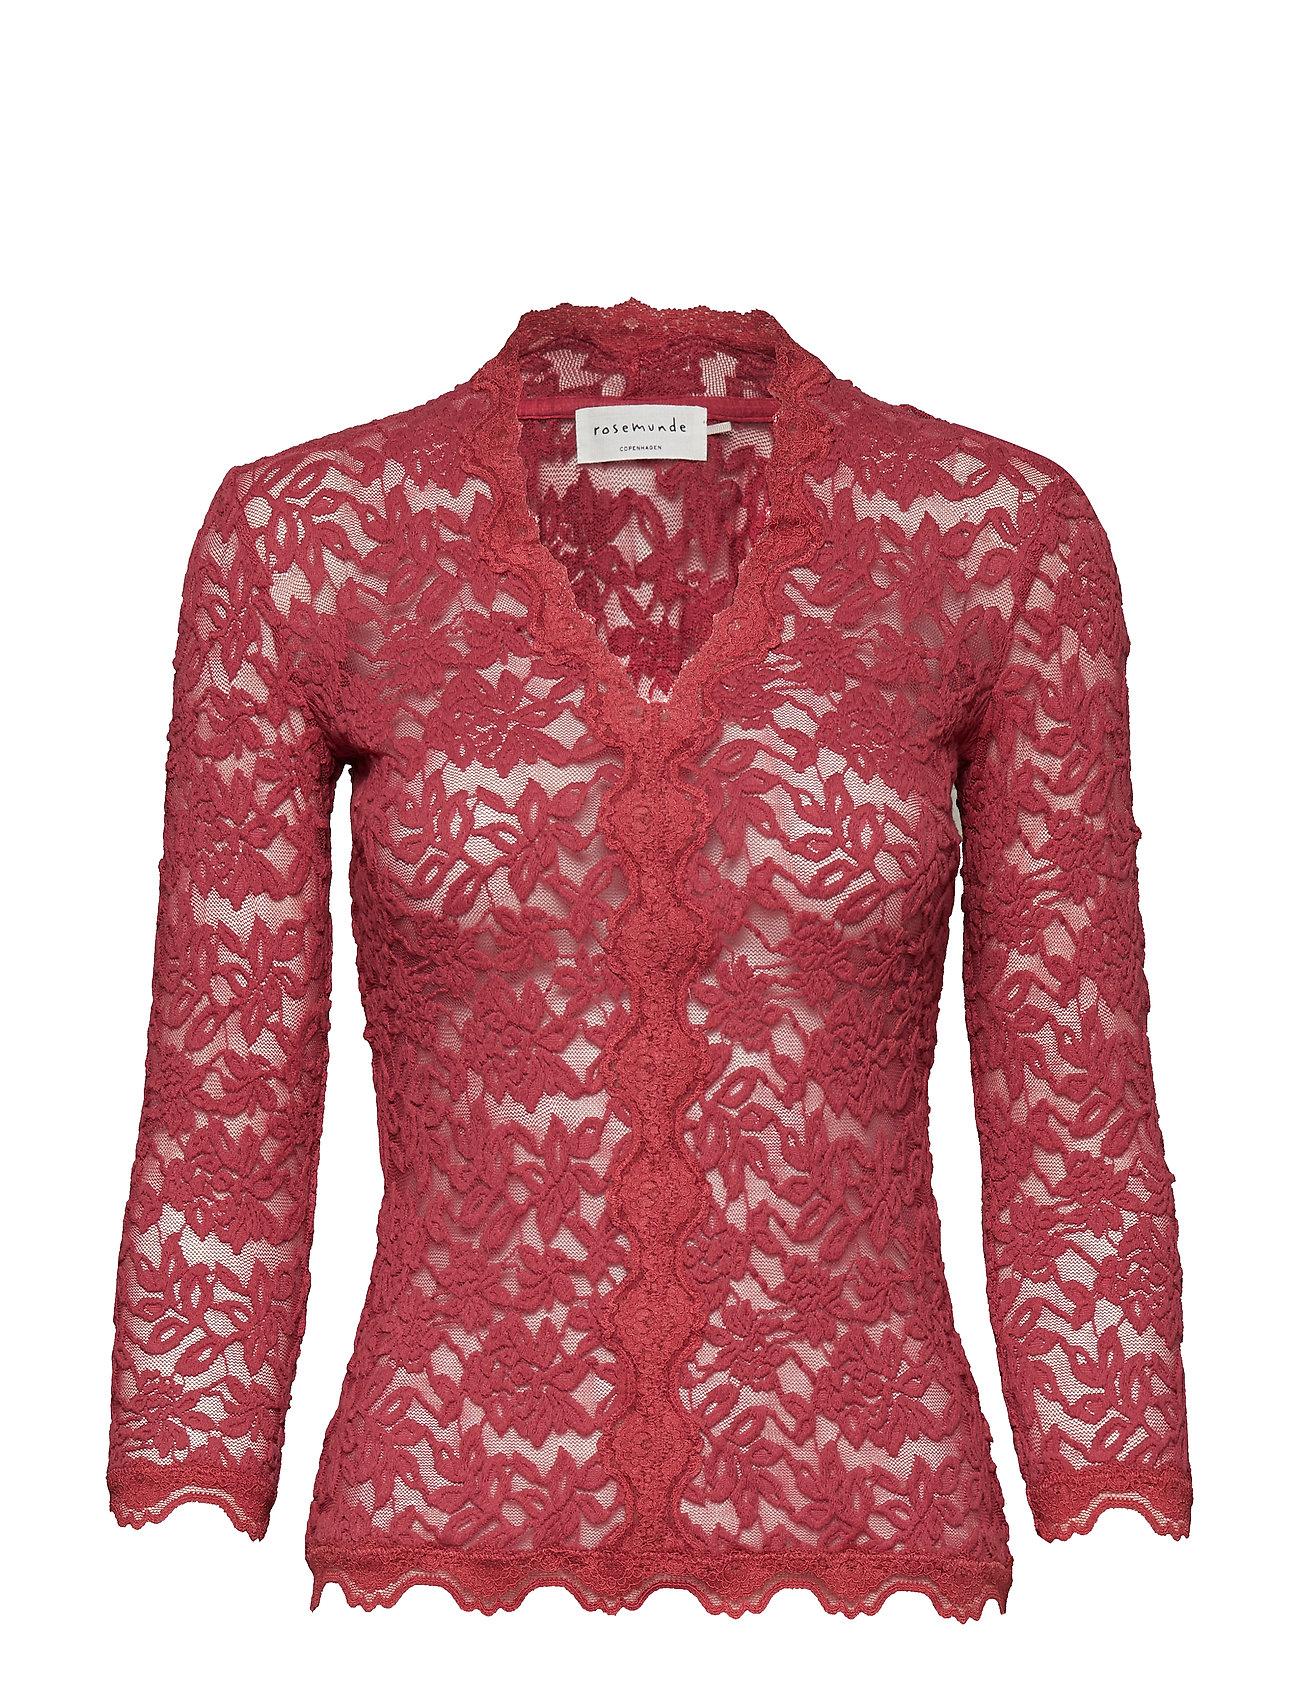 Rosemunde T-shirt 3/4 s - SCARLET RED